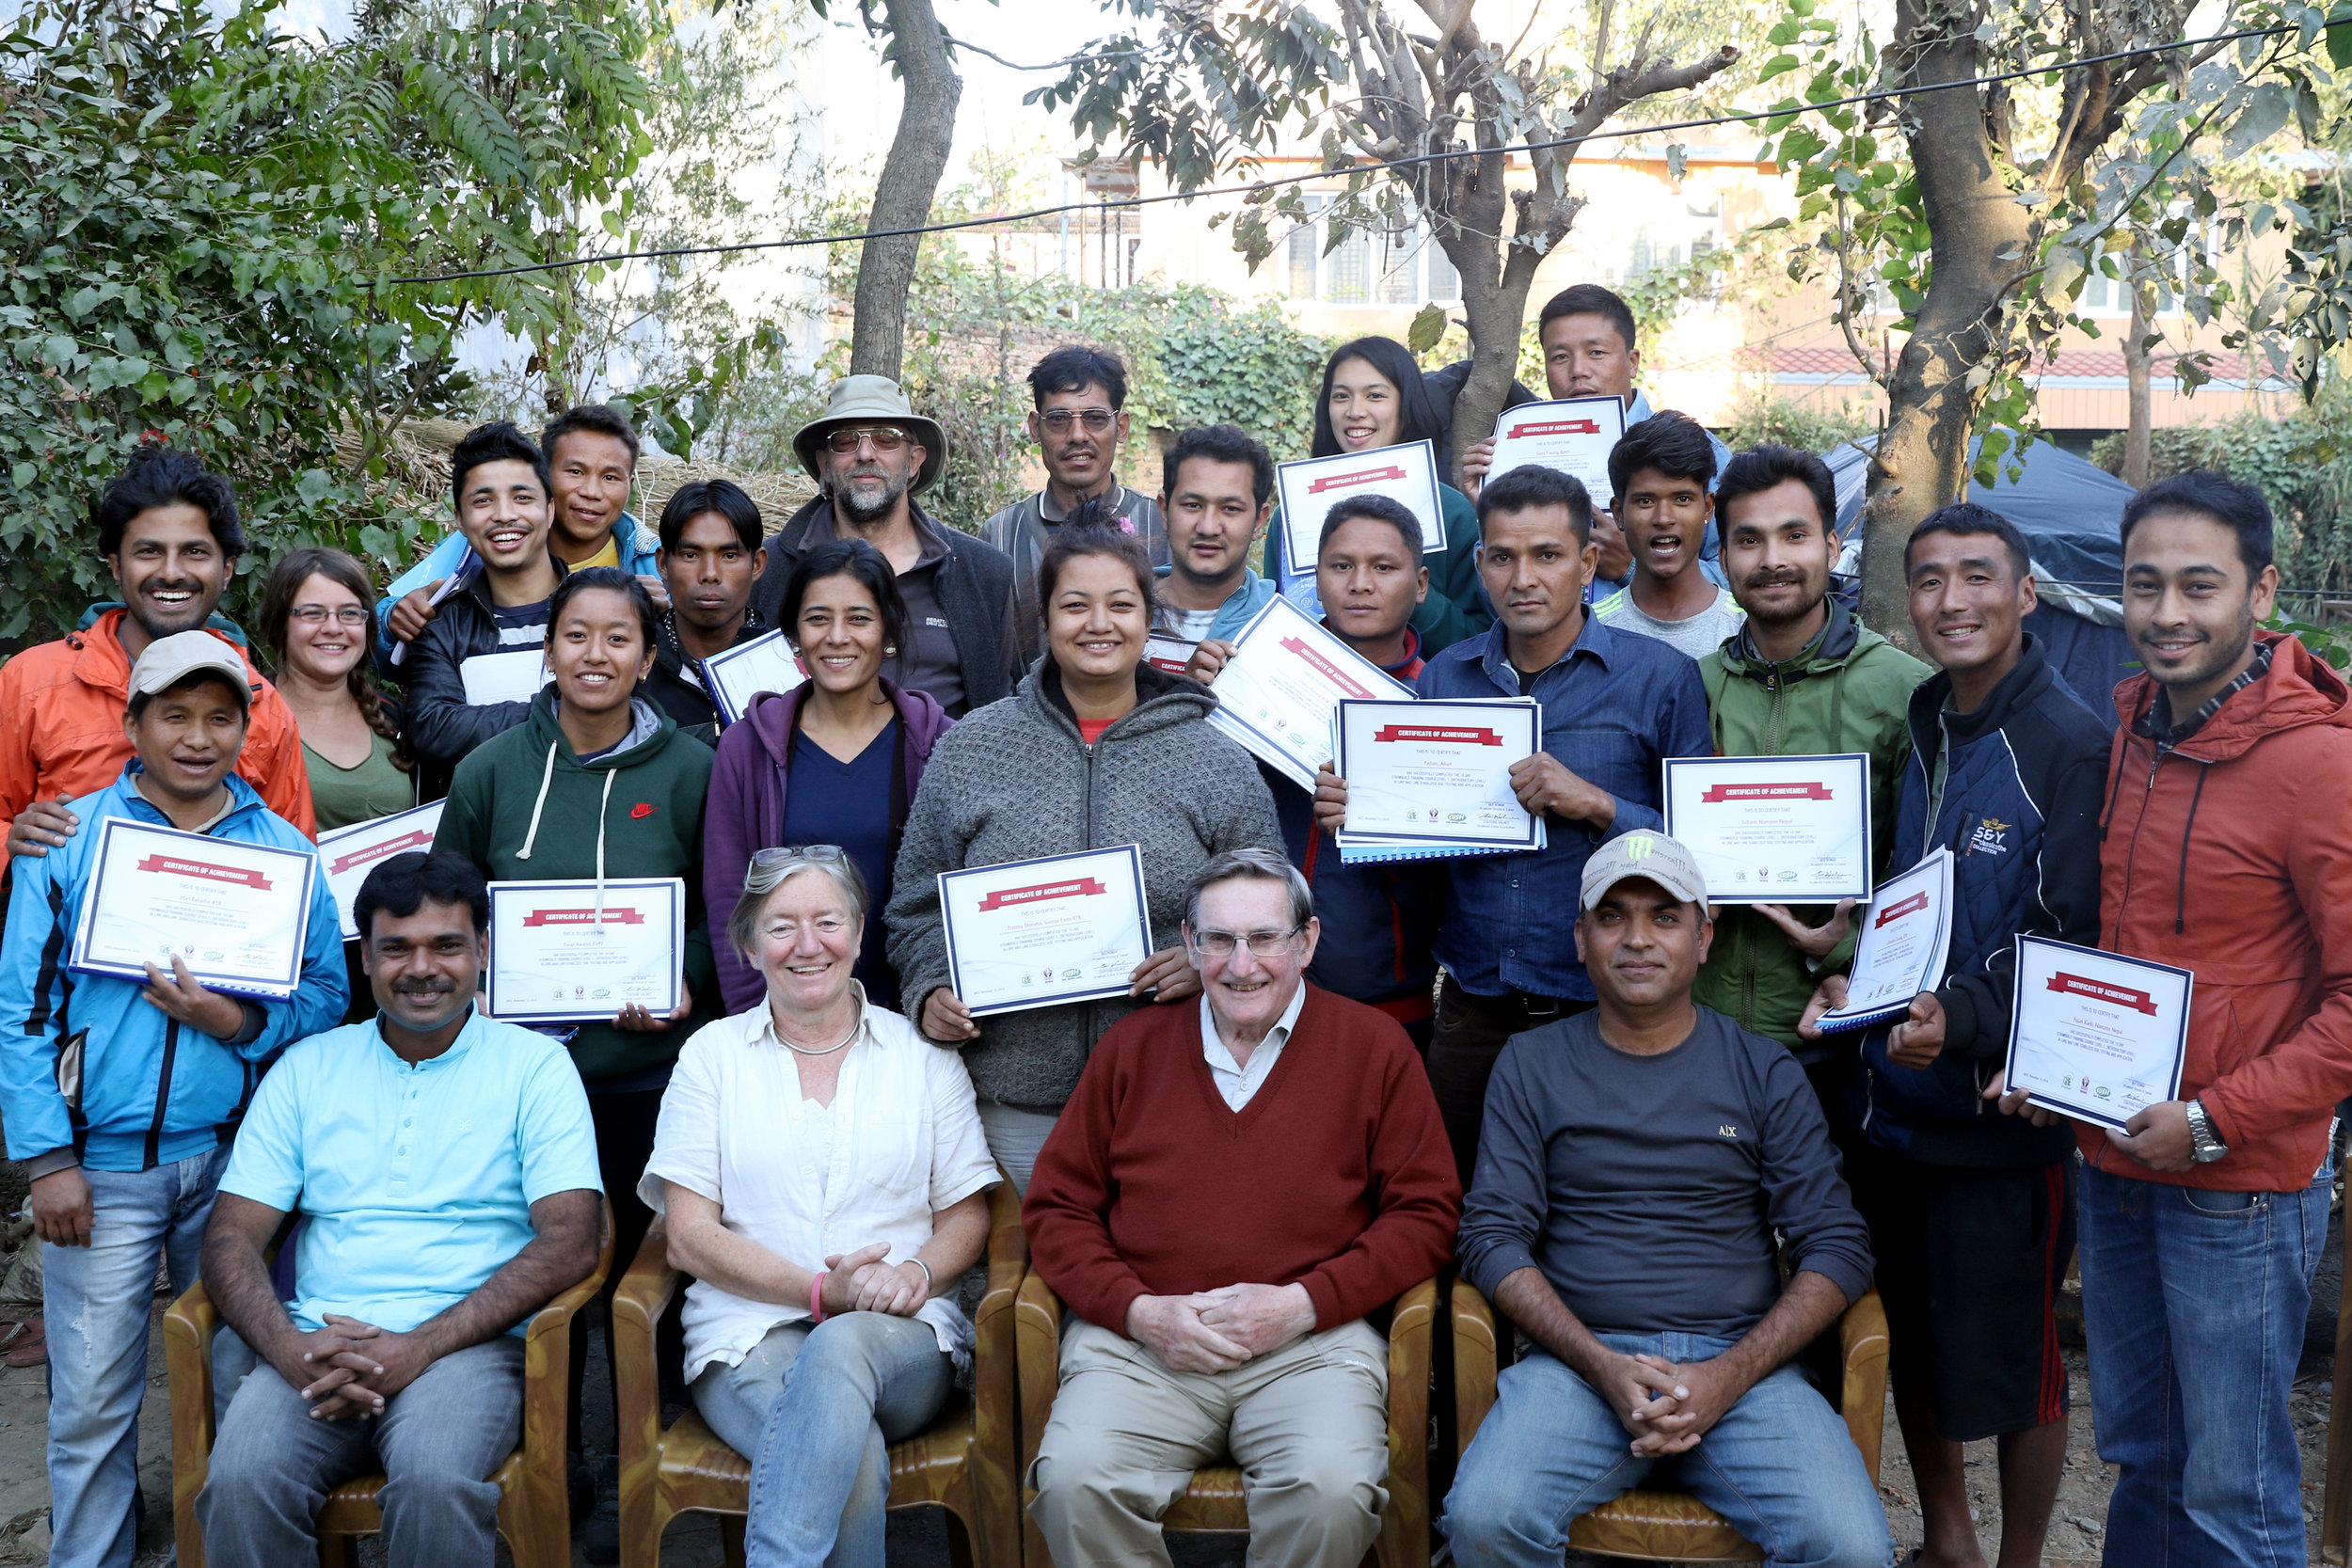 Participants strike a pose